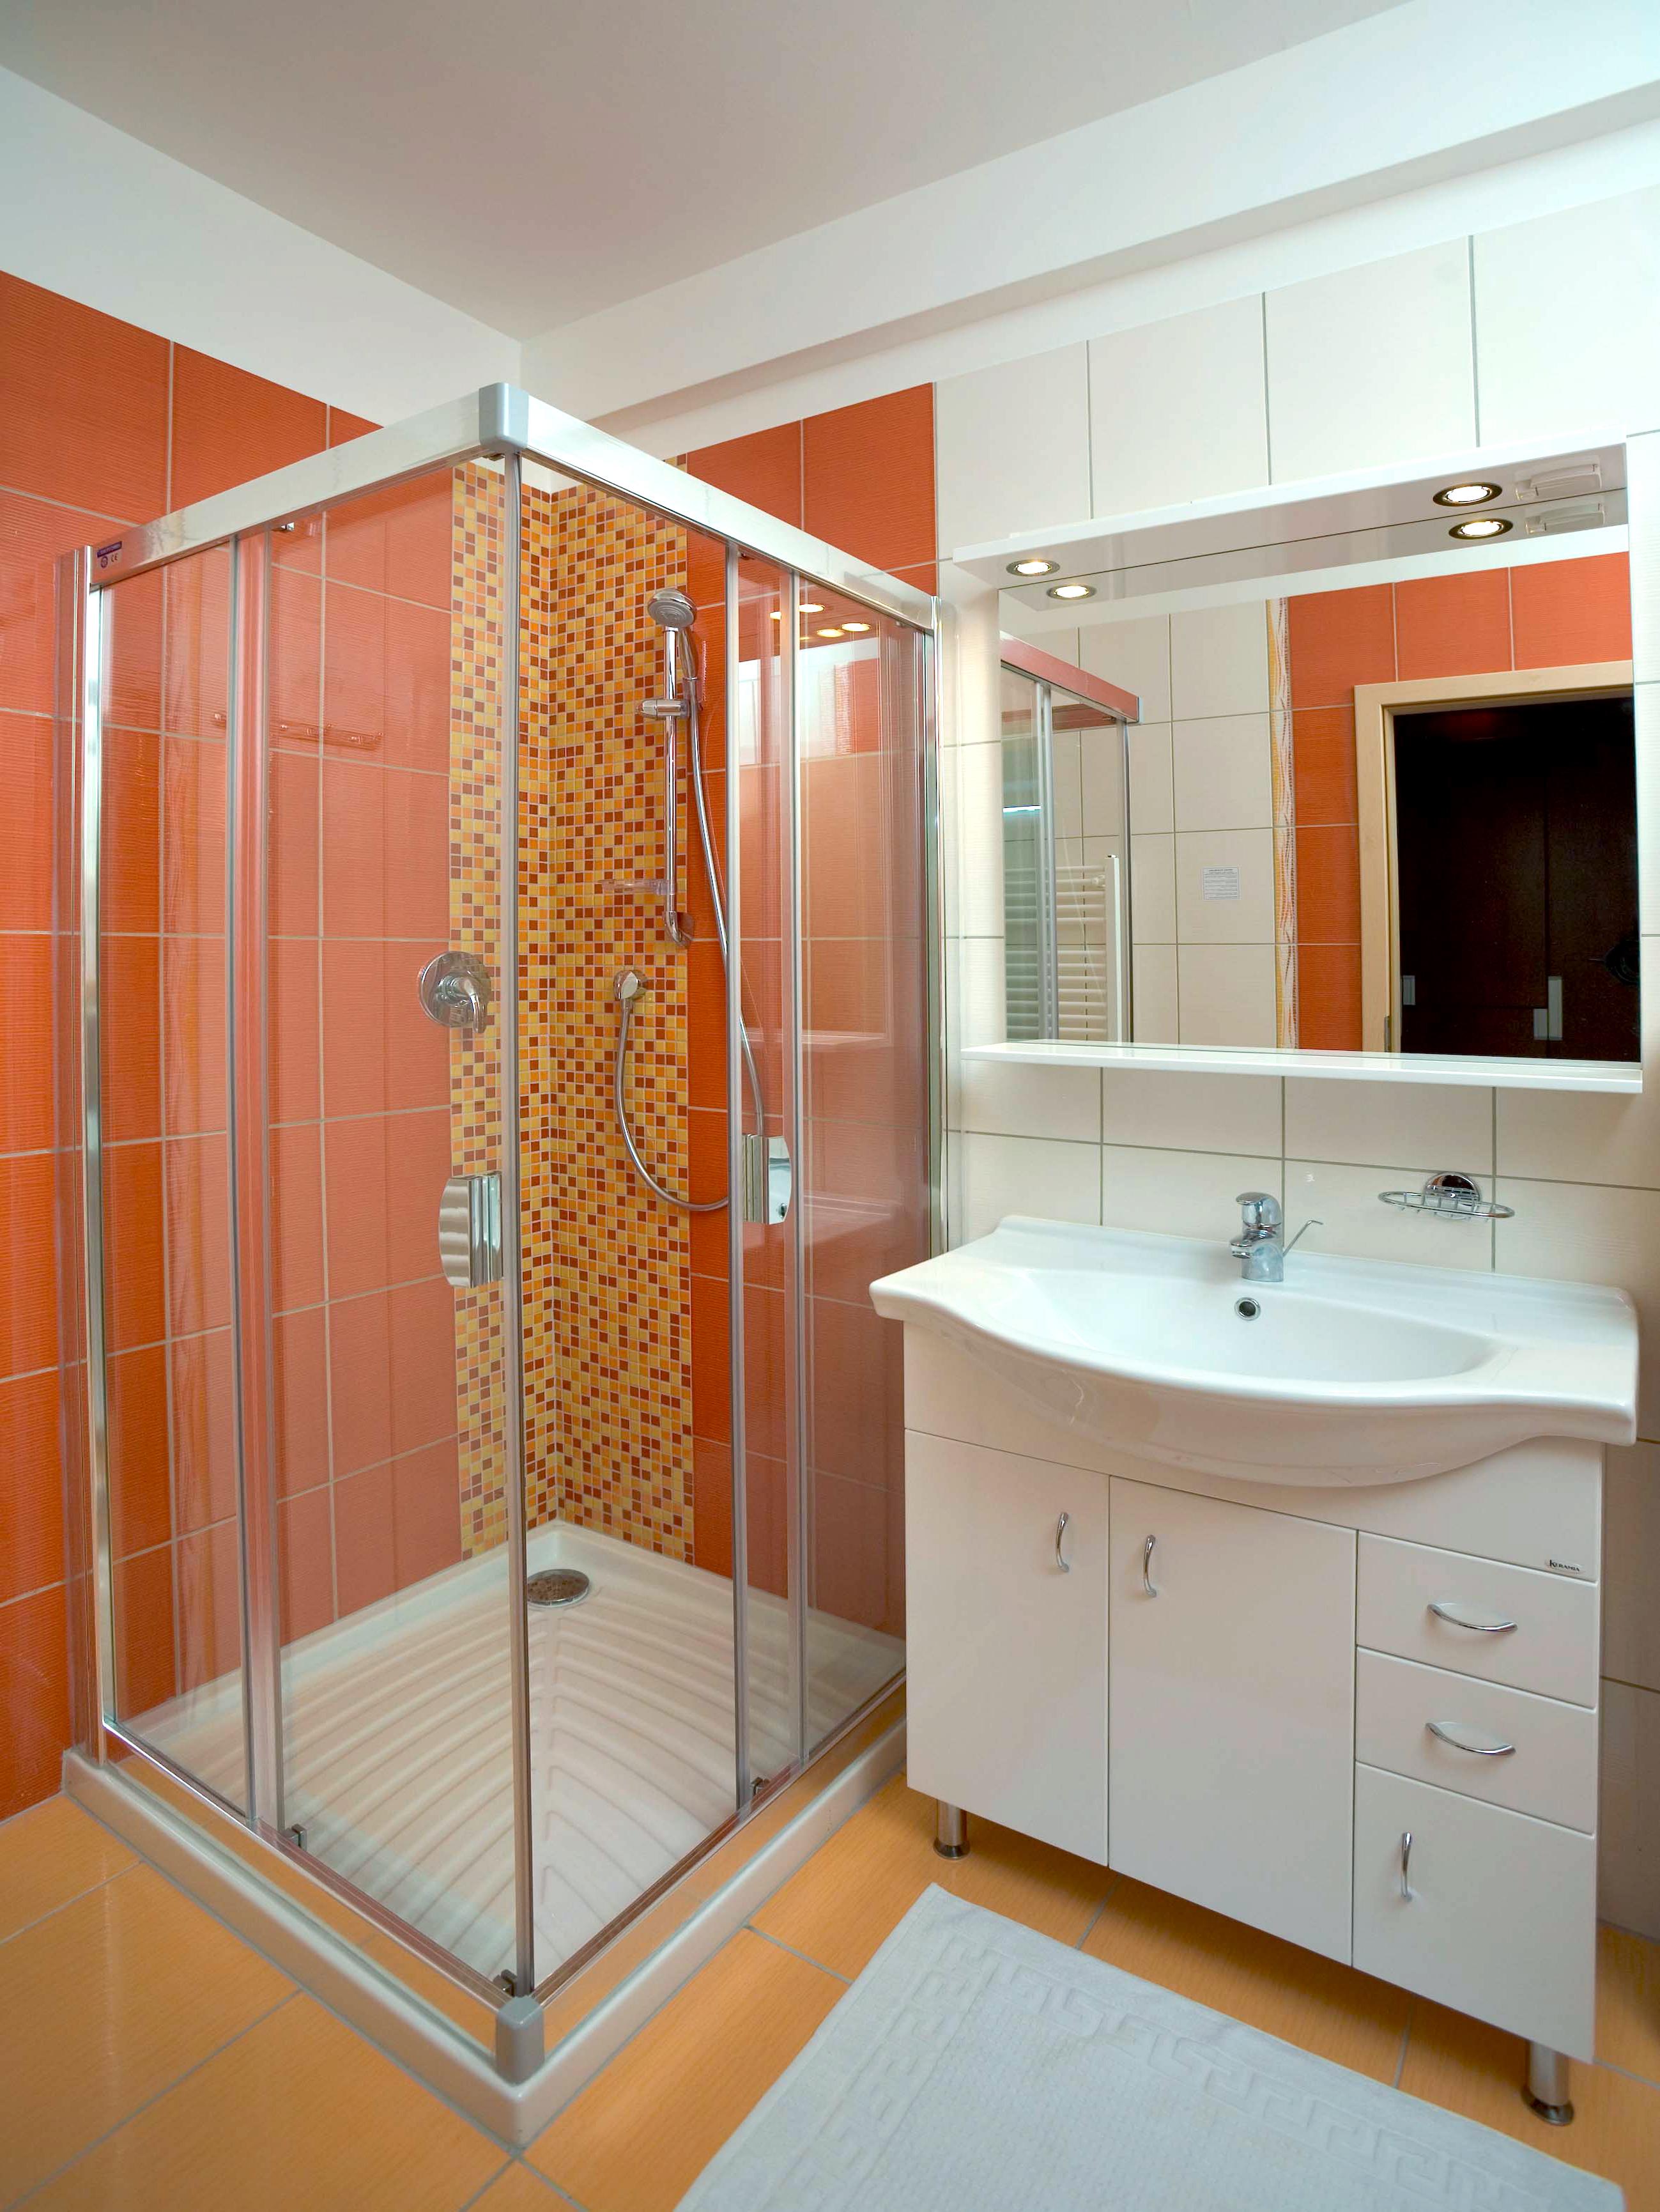 Интерьер ванной комнаты с душевой кабиной фото 3 кв м